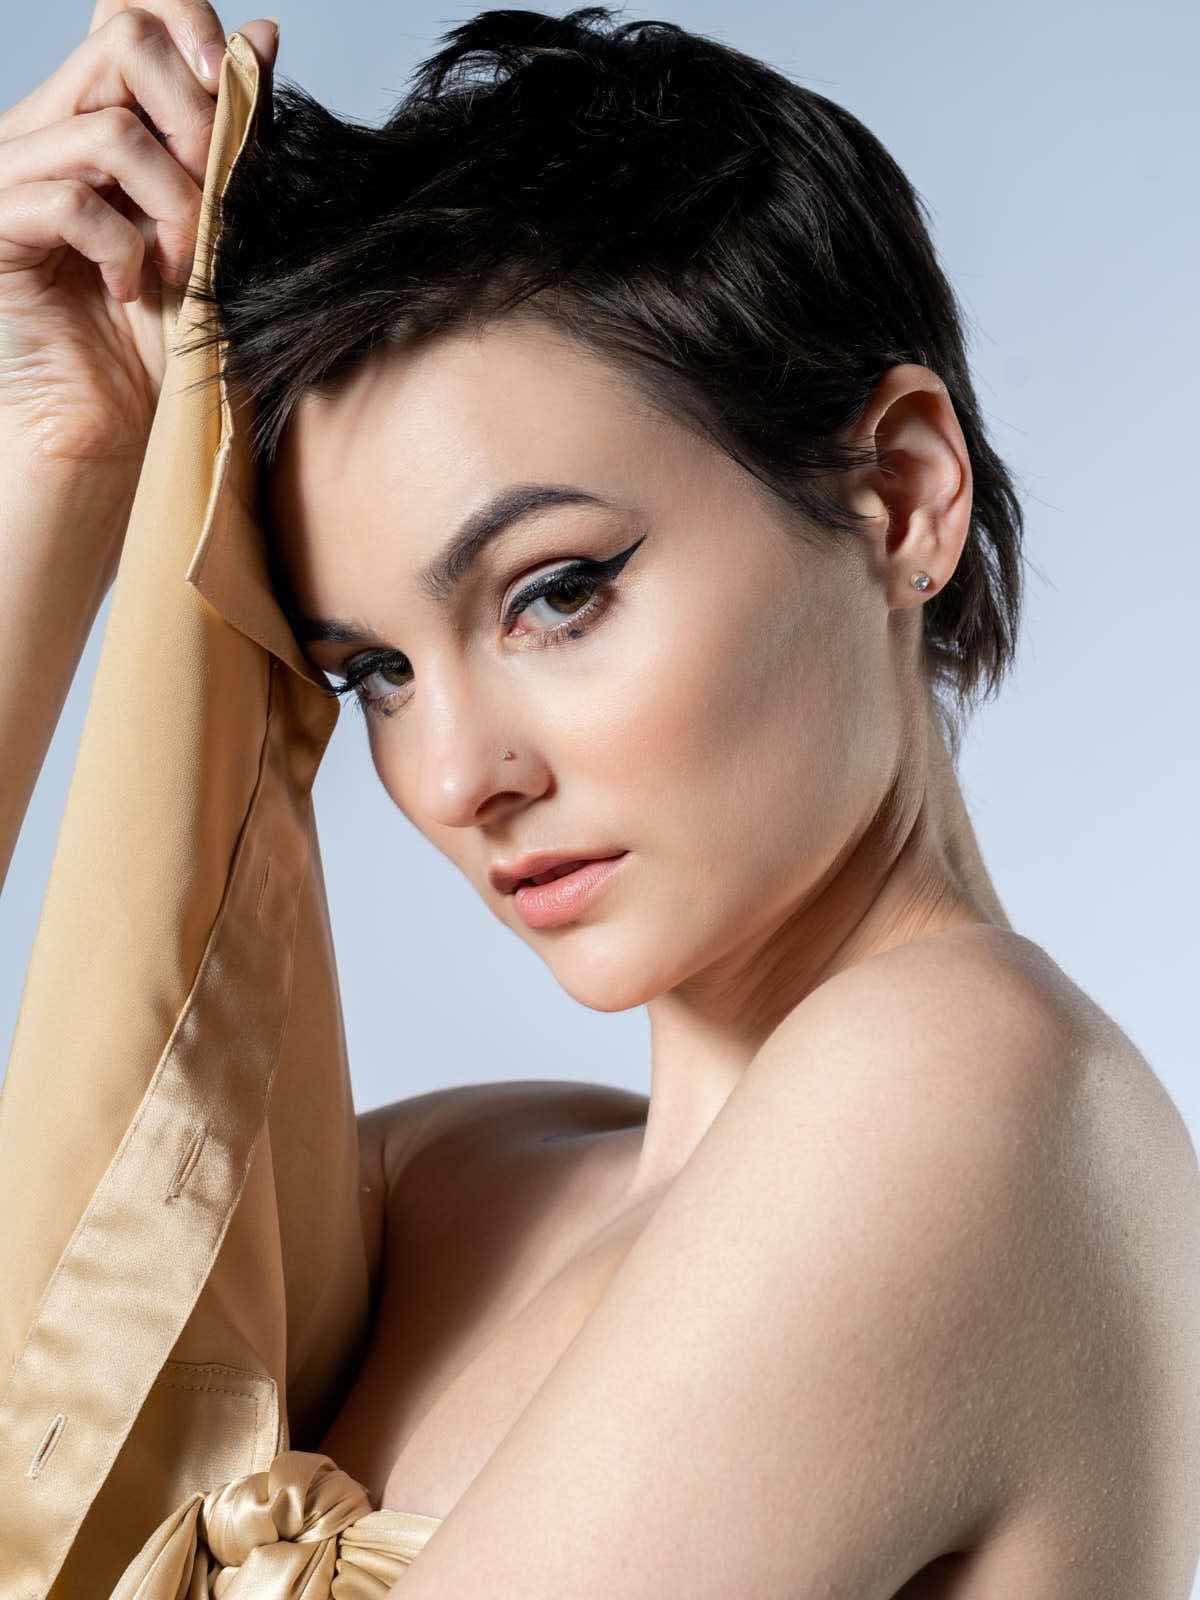 sce-agency-female-model-hunter-g-3a